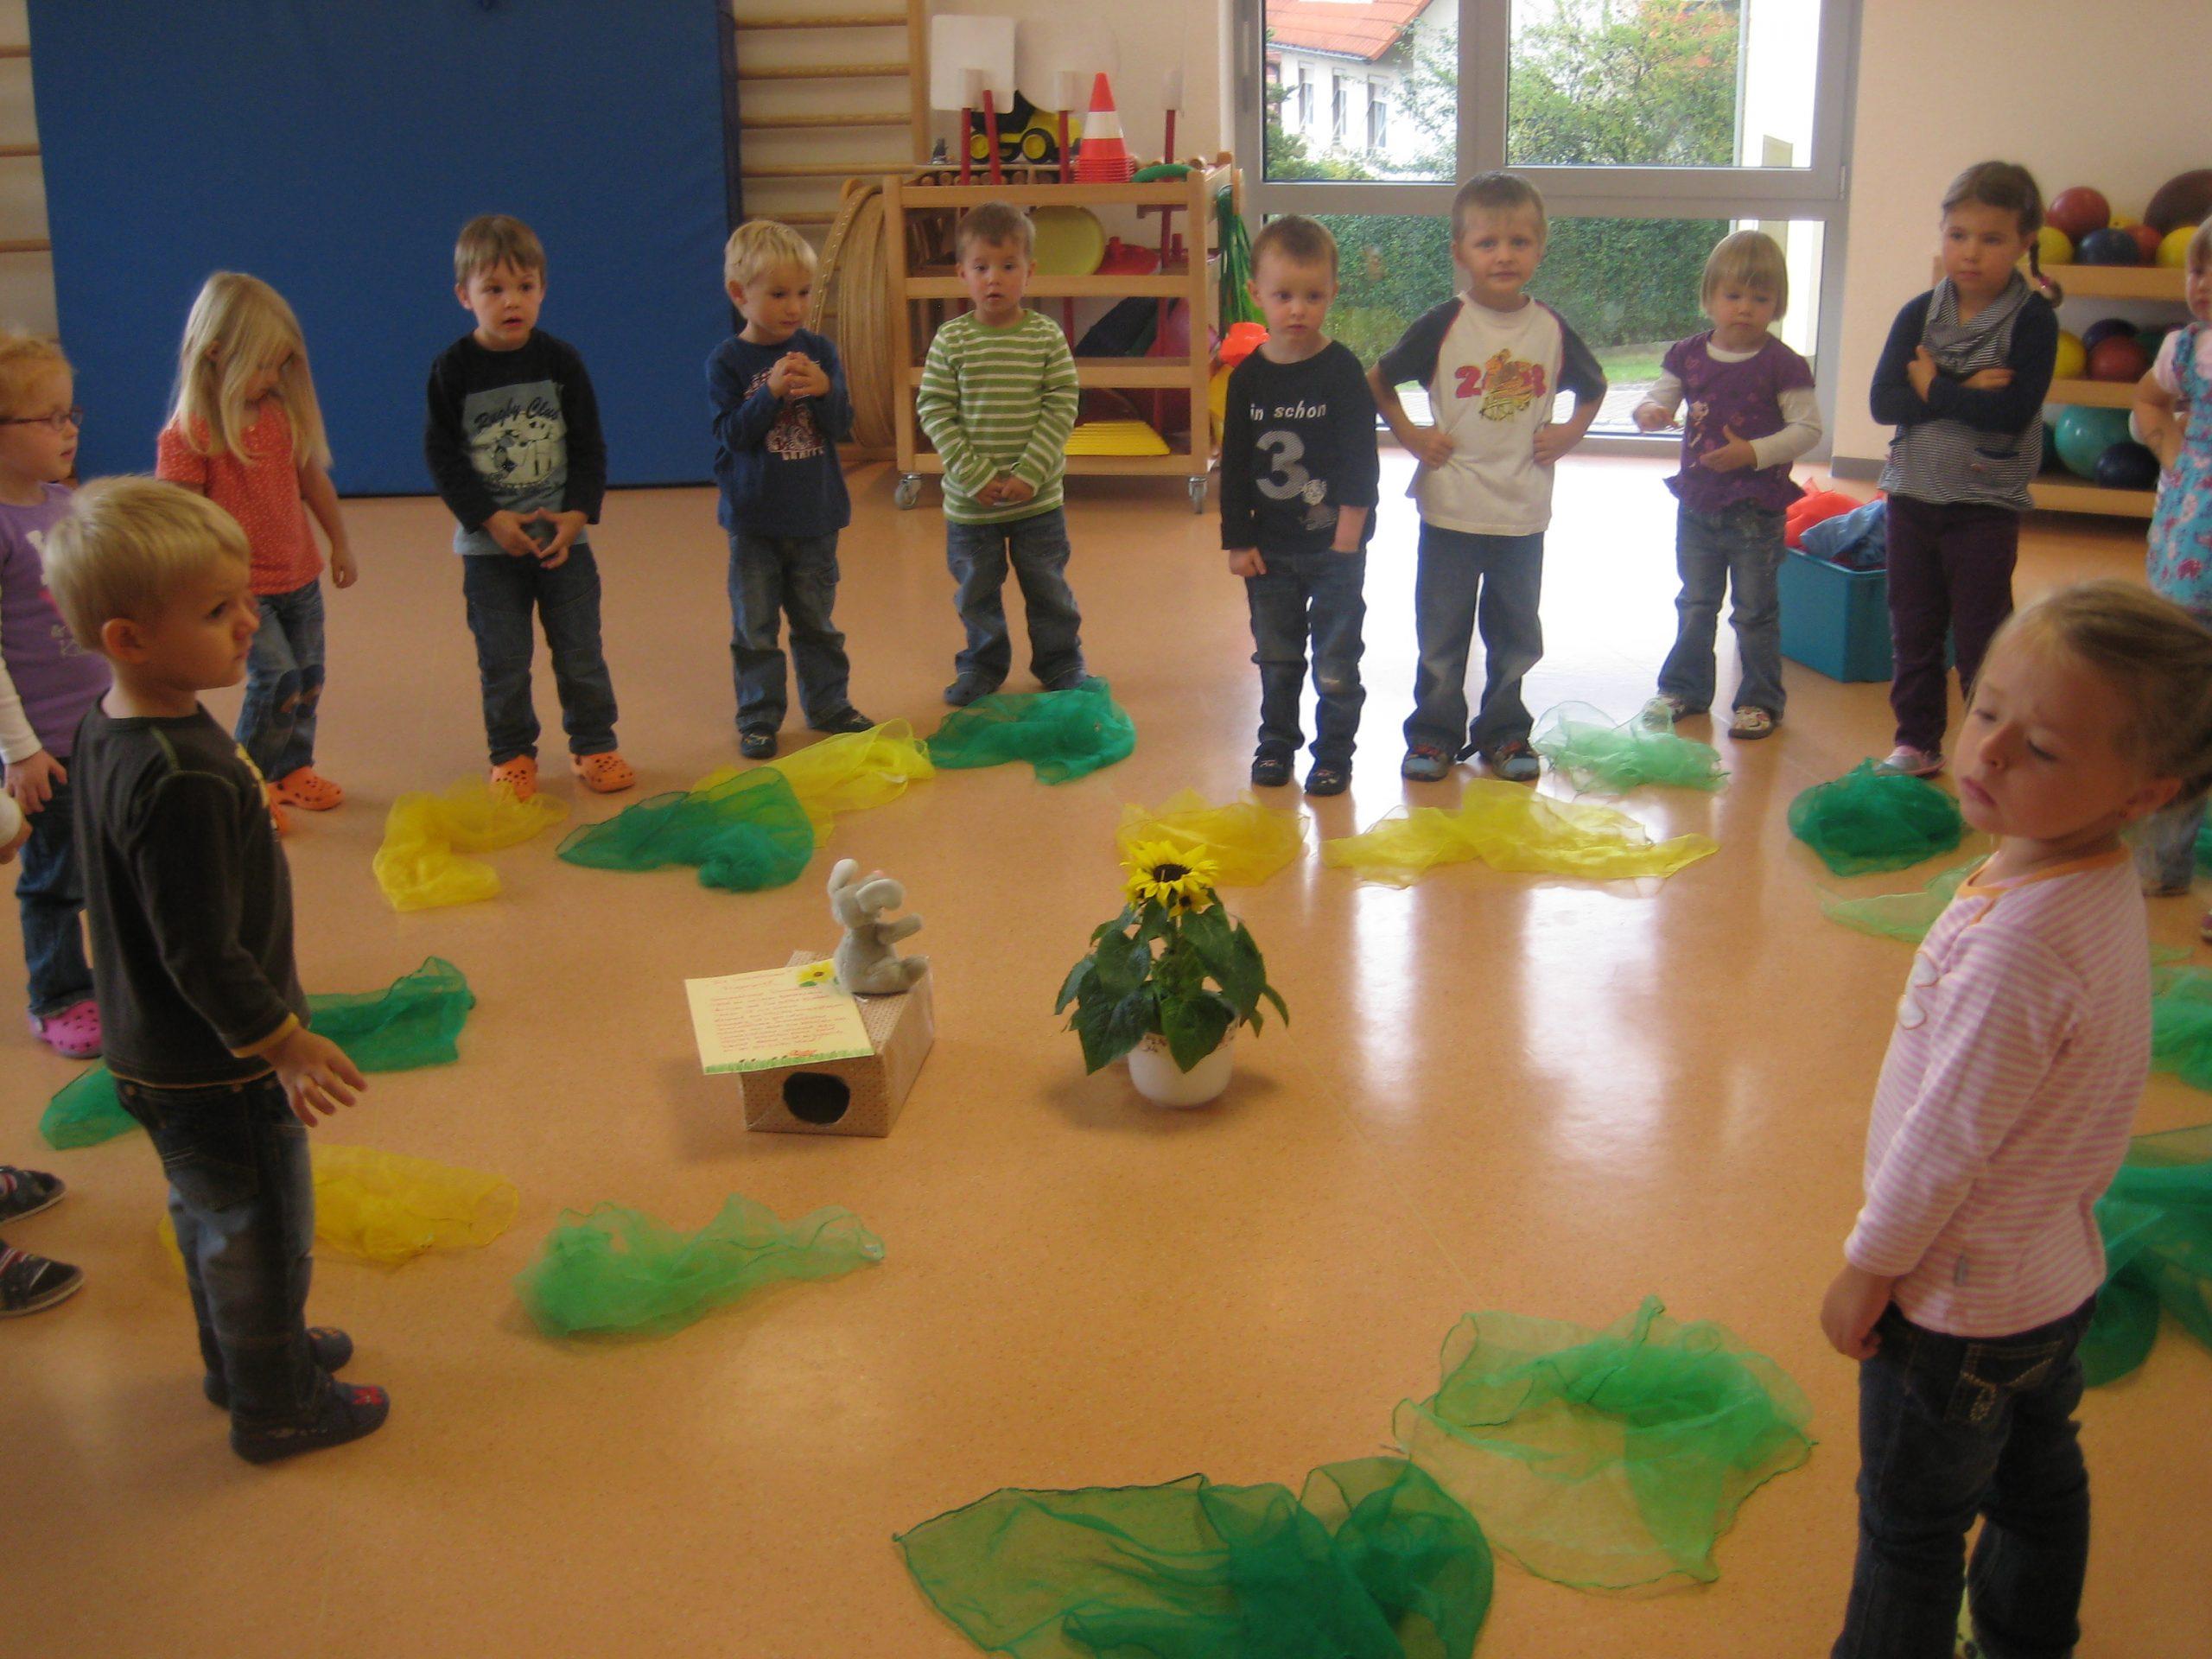 Gemeinde Brigachtal: Unser Pädagogisches Angebot innen Bewegungsspiele Für Kindergartenkinder